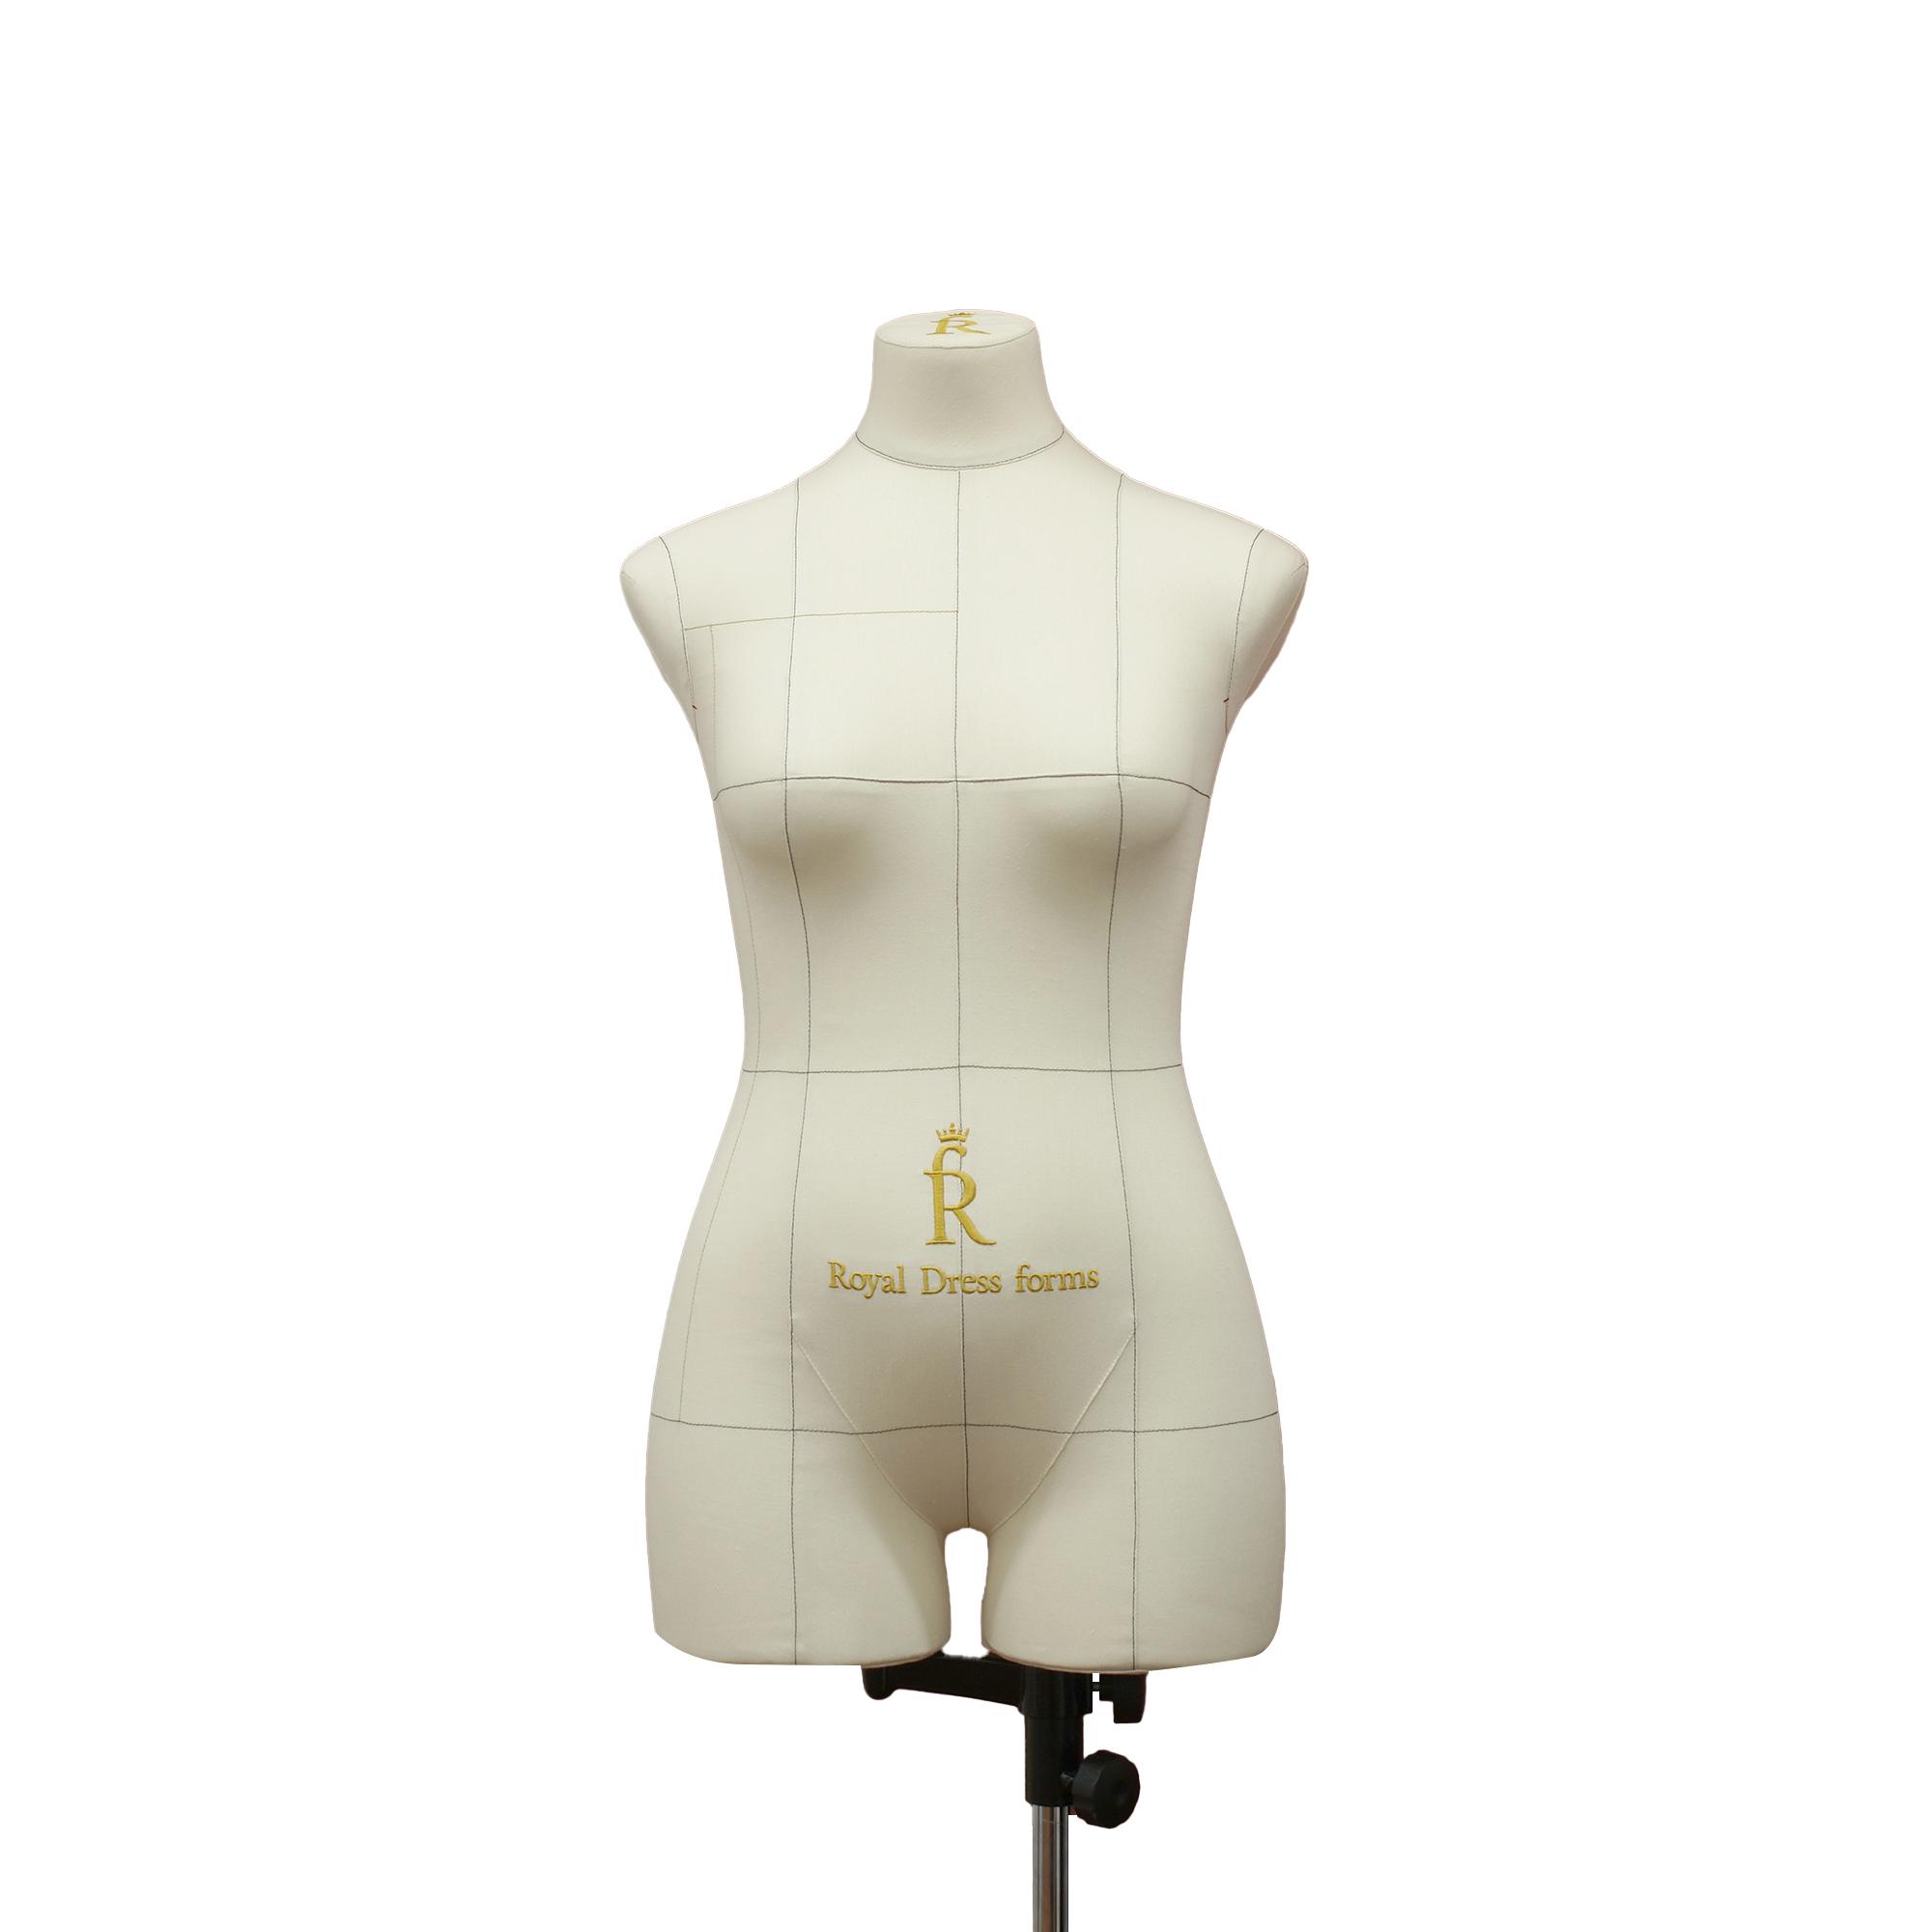 Манекен портновский Моника, комплект Стандарт, размер 44, тип фигуры Песочные часы, бежевый